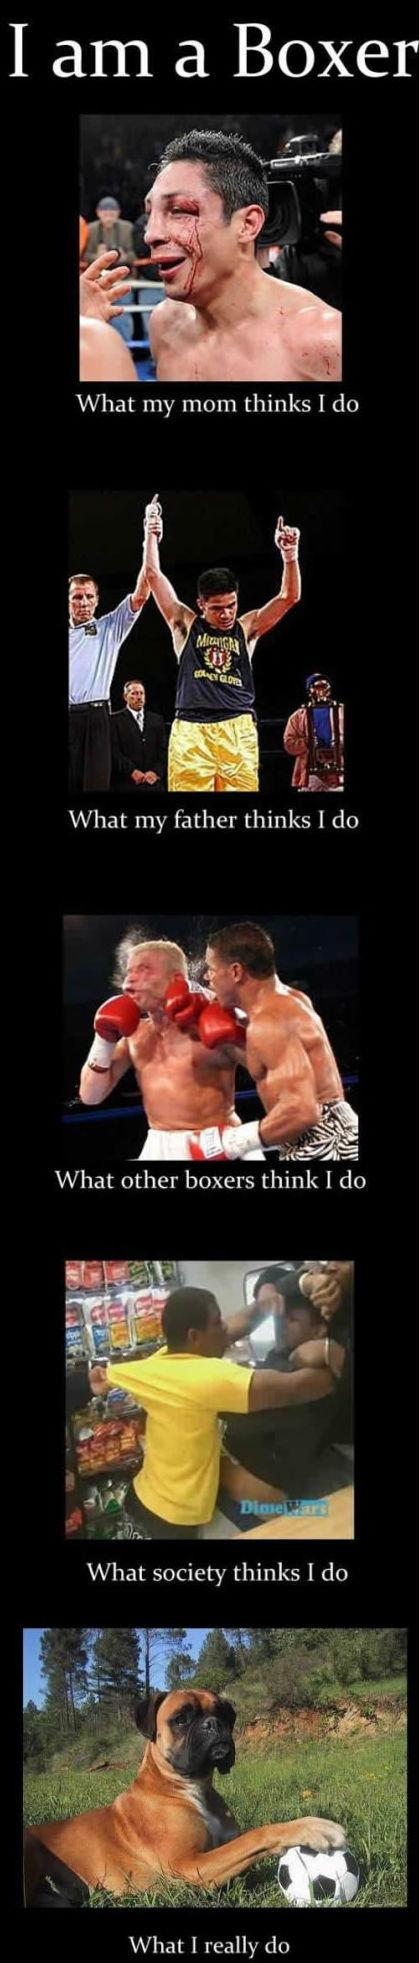 im a buxahh yeh?. gotcha bitchiz. I arn a Boxer What I really do im a buxahh yeh? gotcha bitchiz I arn Boxer What really do